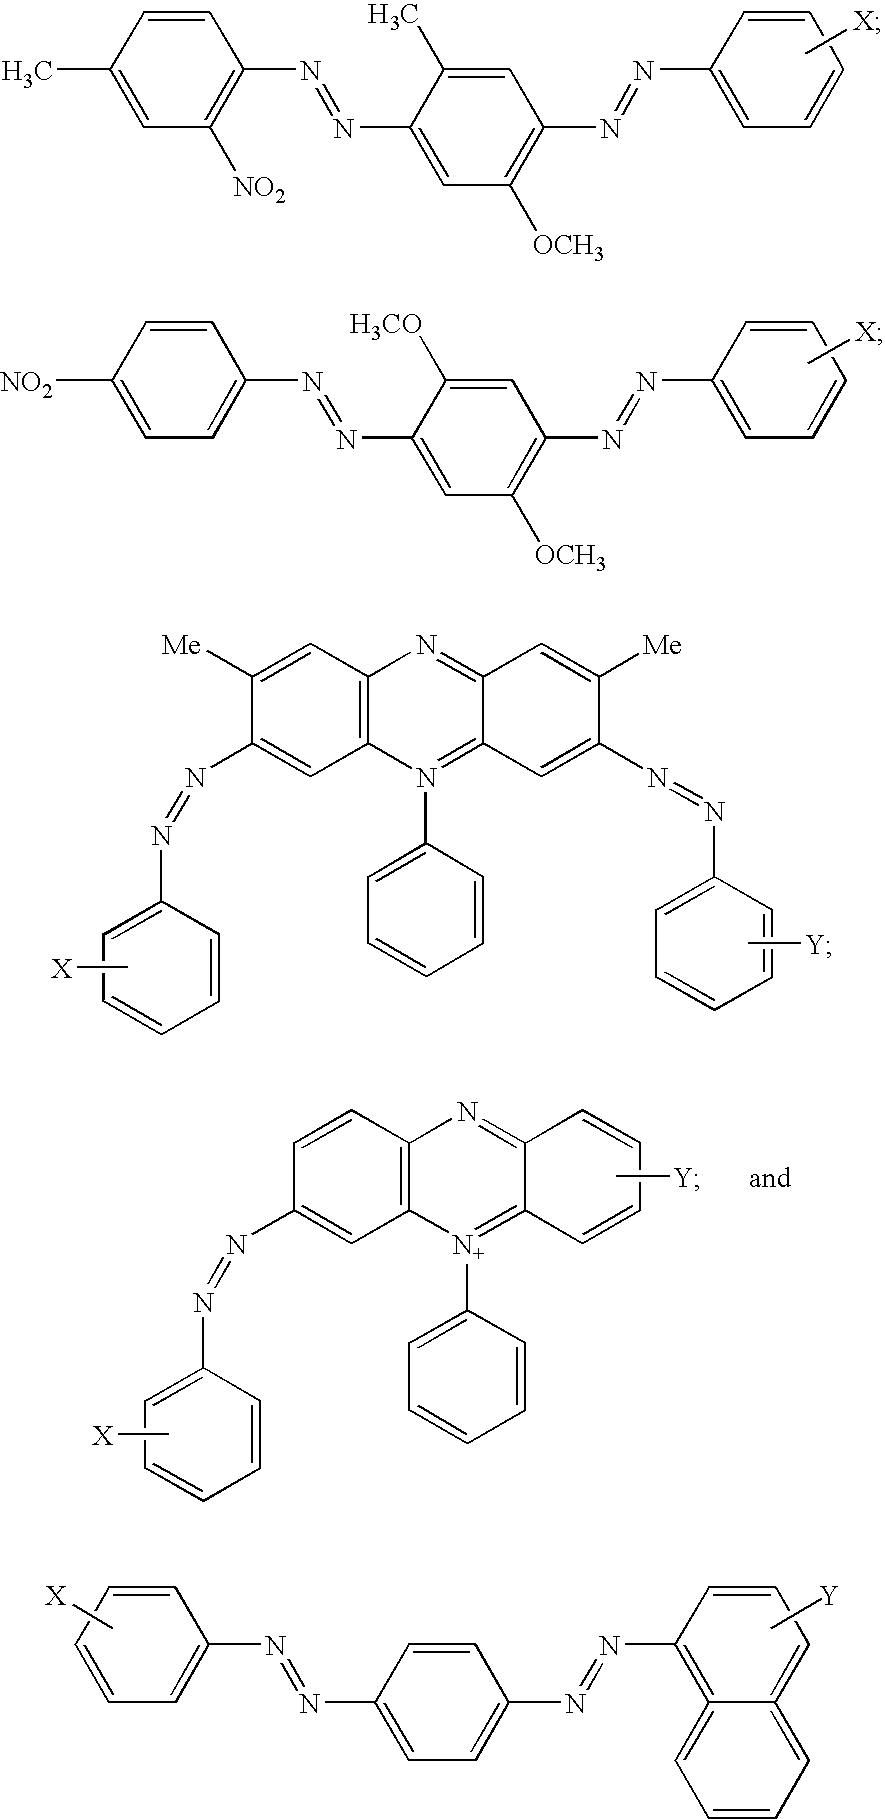 Figure US07635598-20091222-C00003